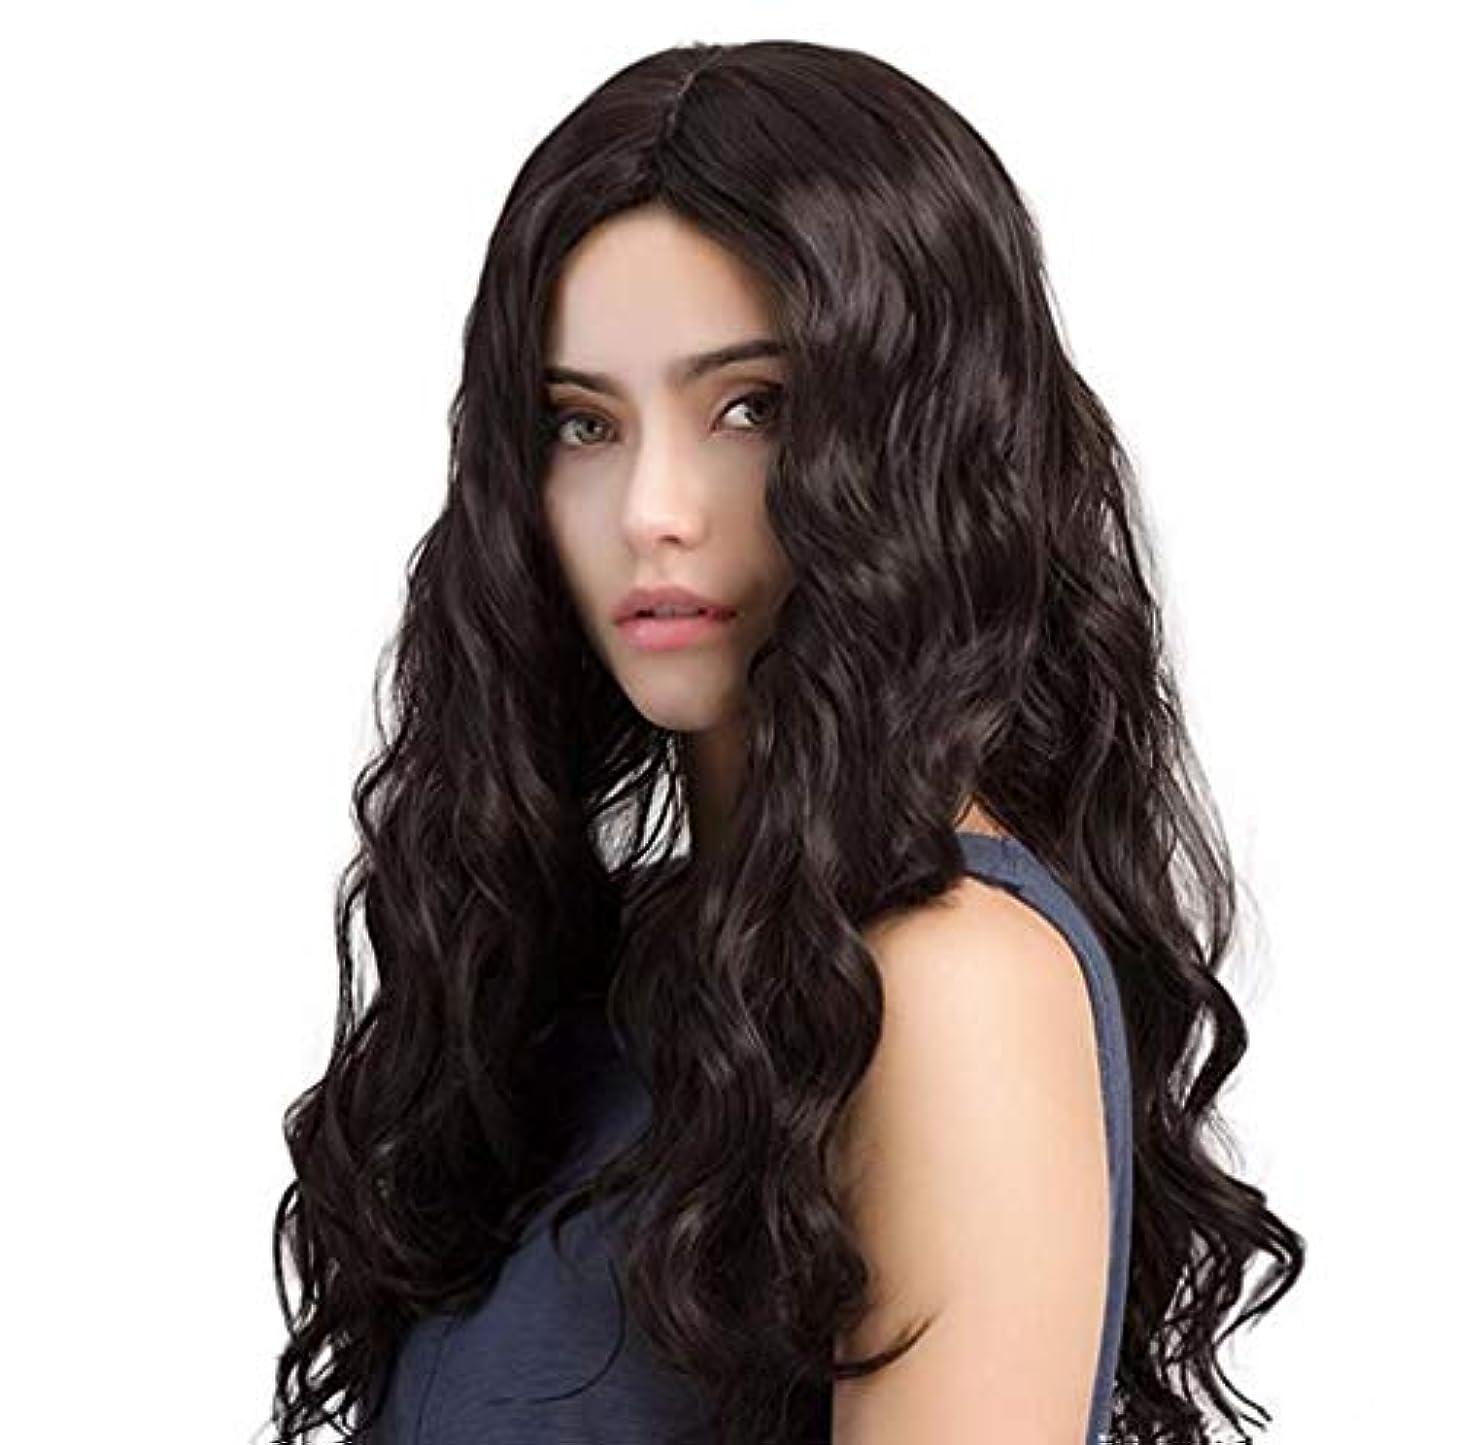 トリム物思いにふける傷跡女性ウィッグ人毛合成ロングウェーブウィッグ合成耐熱性安いミドルパートウィッグブラック150%高密度